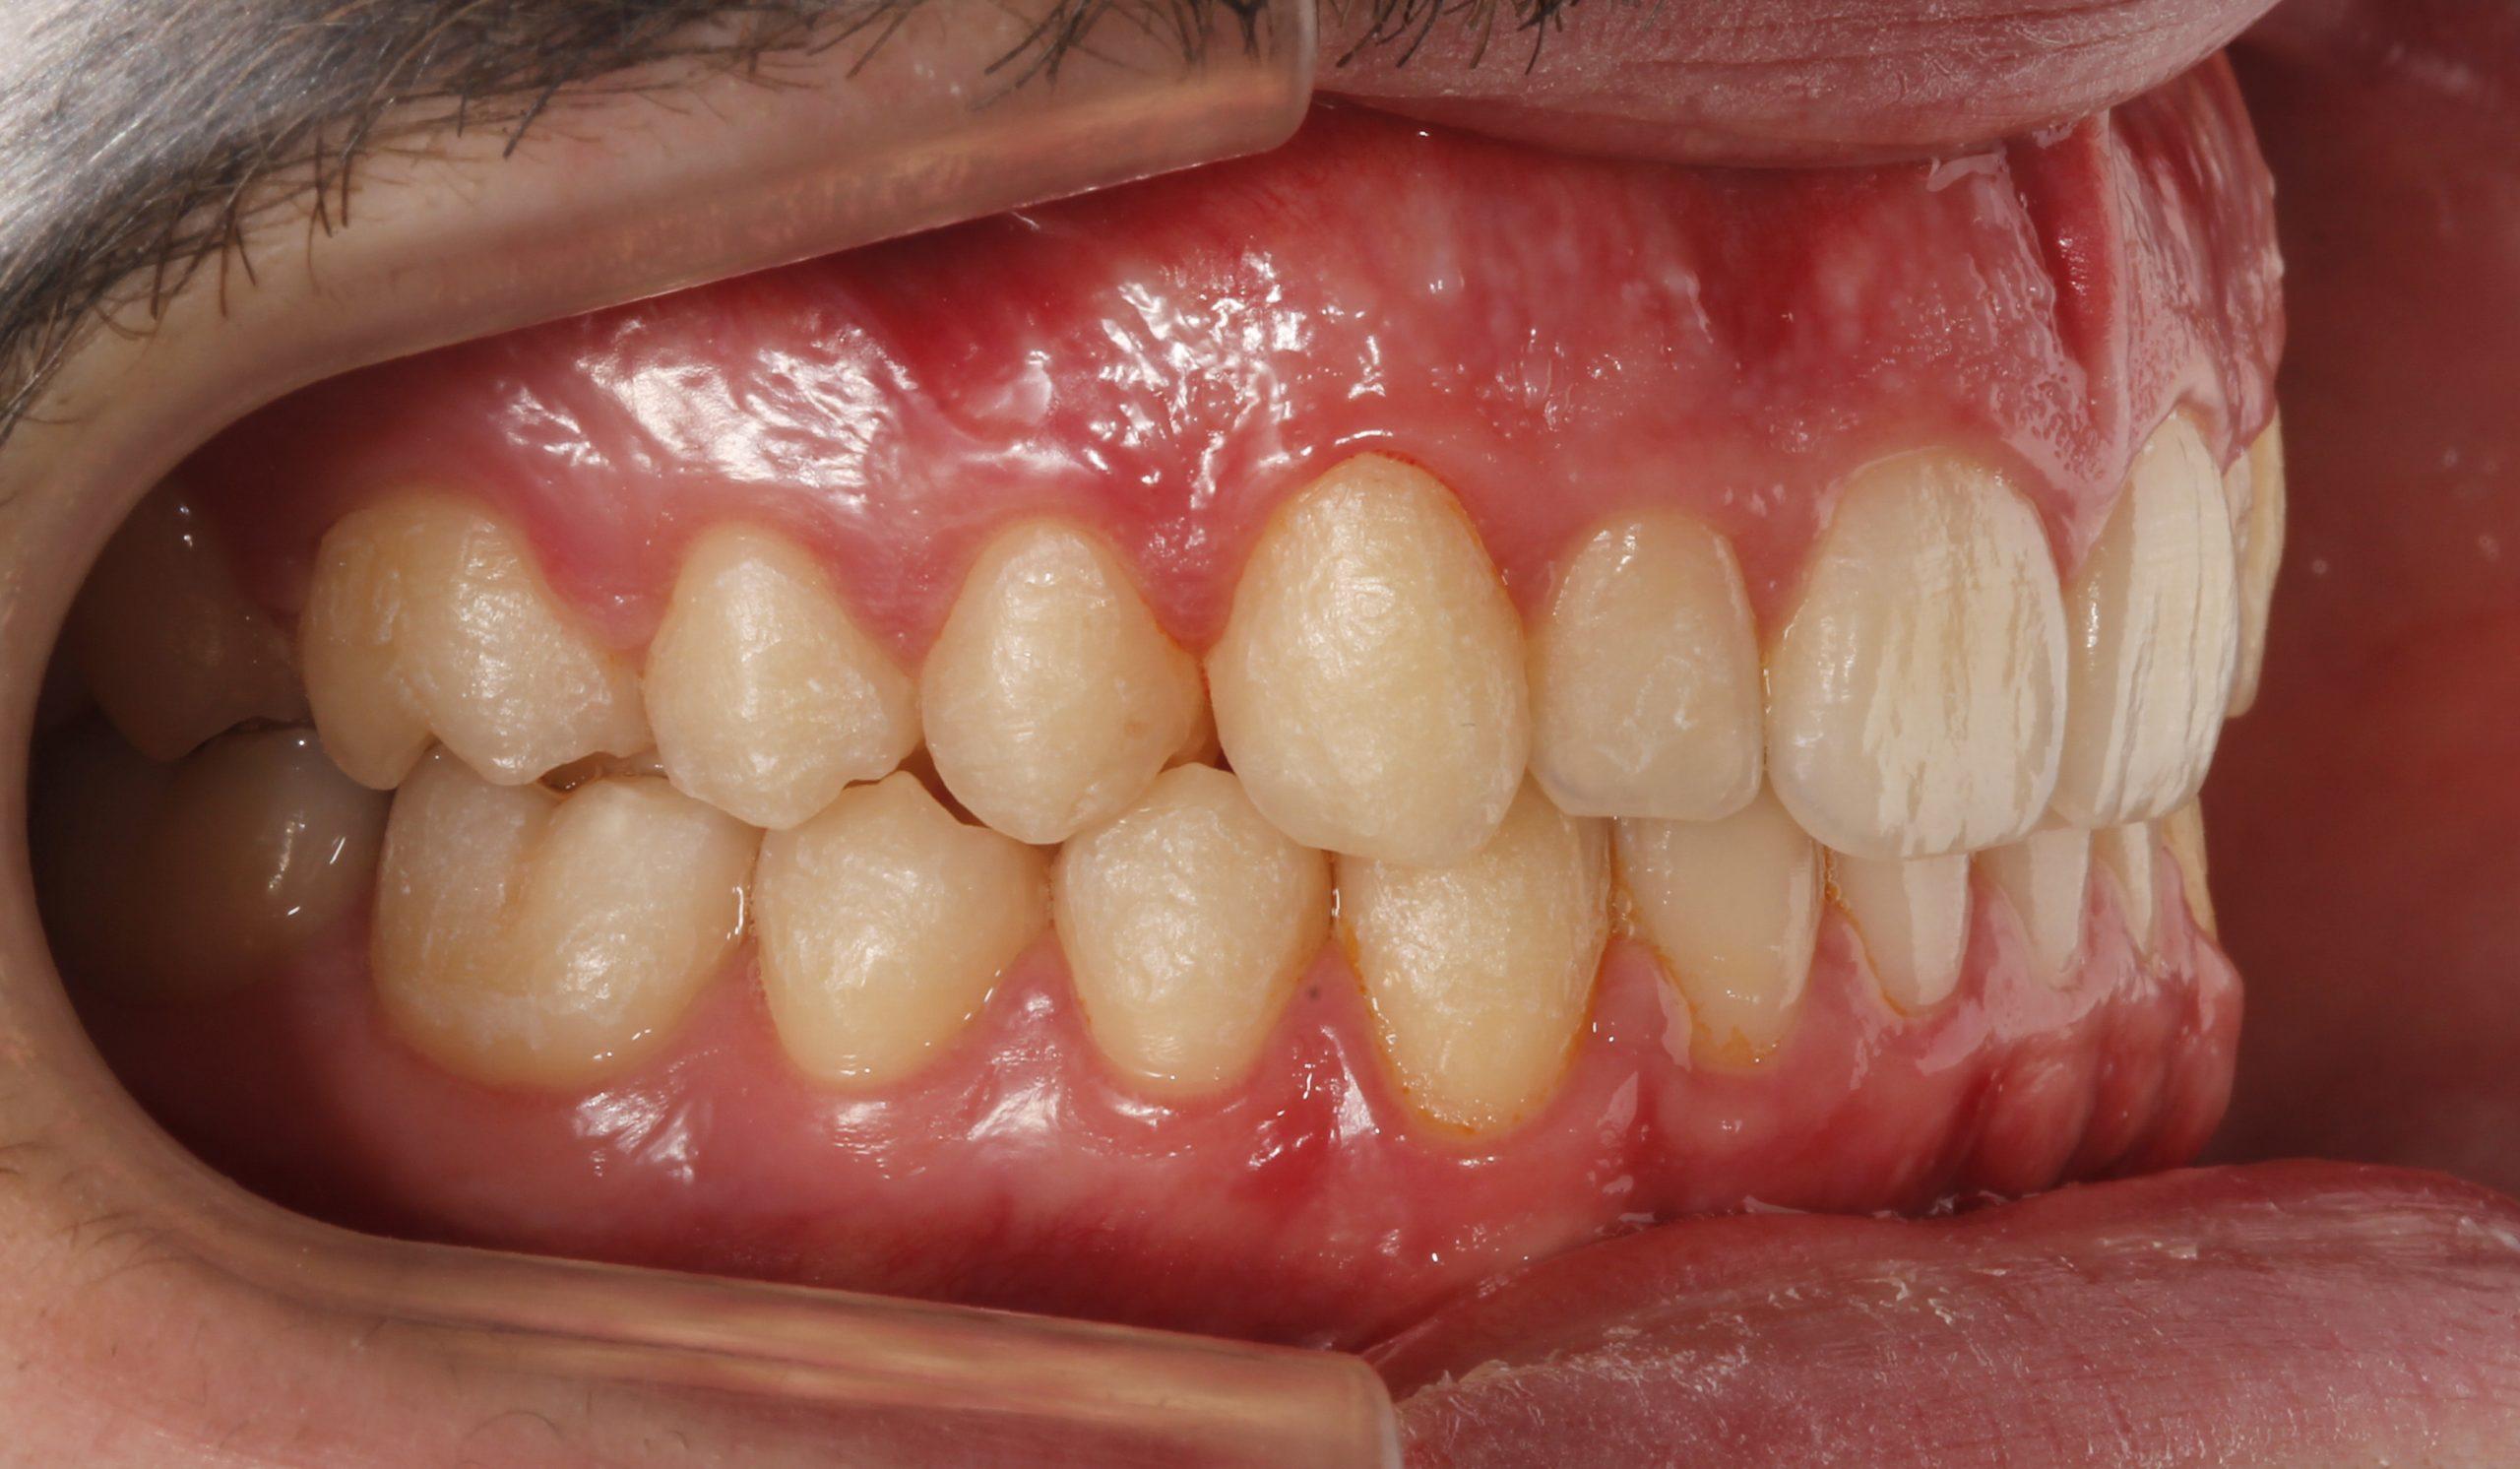 Clinica Peydro, solucionamos apiñamientos con ortodoncia invisible